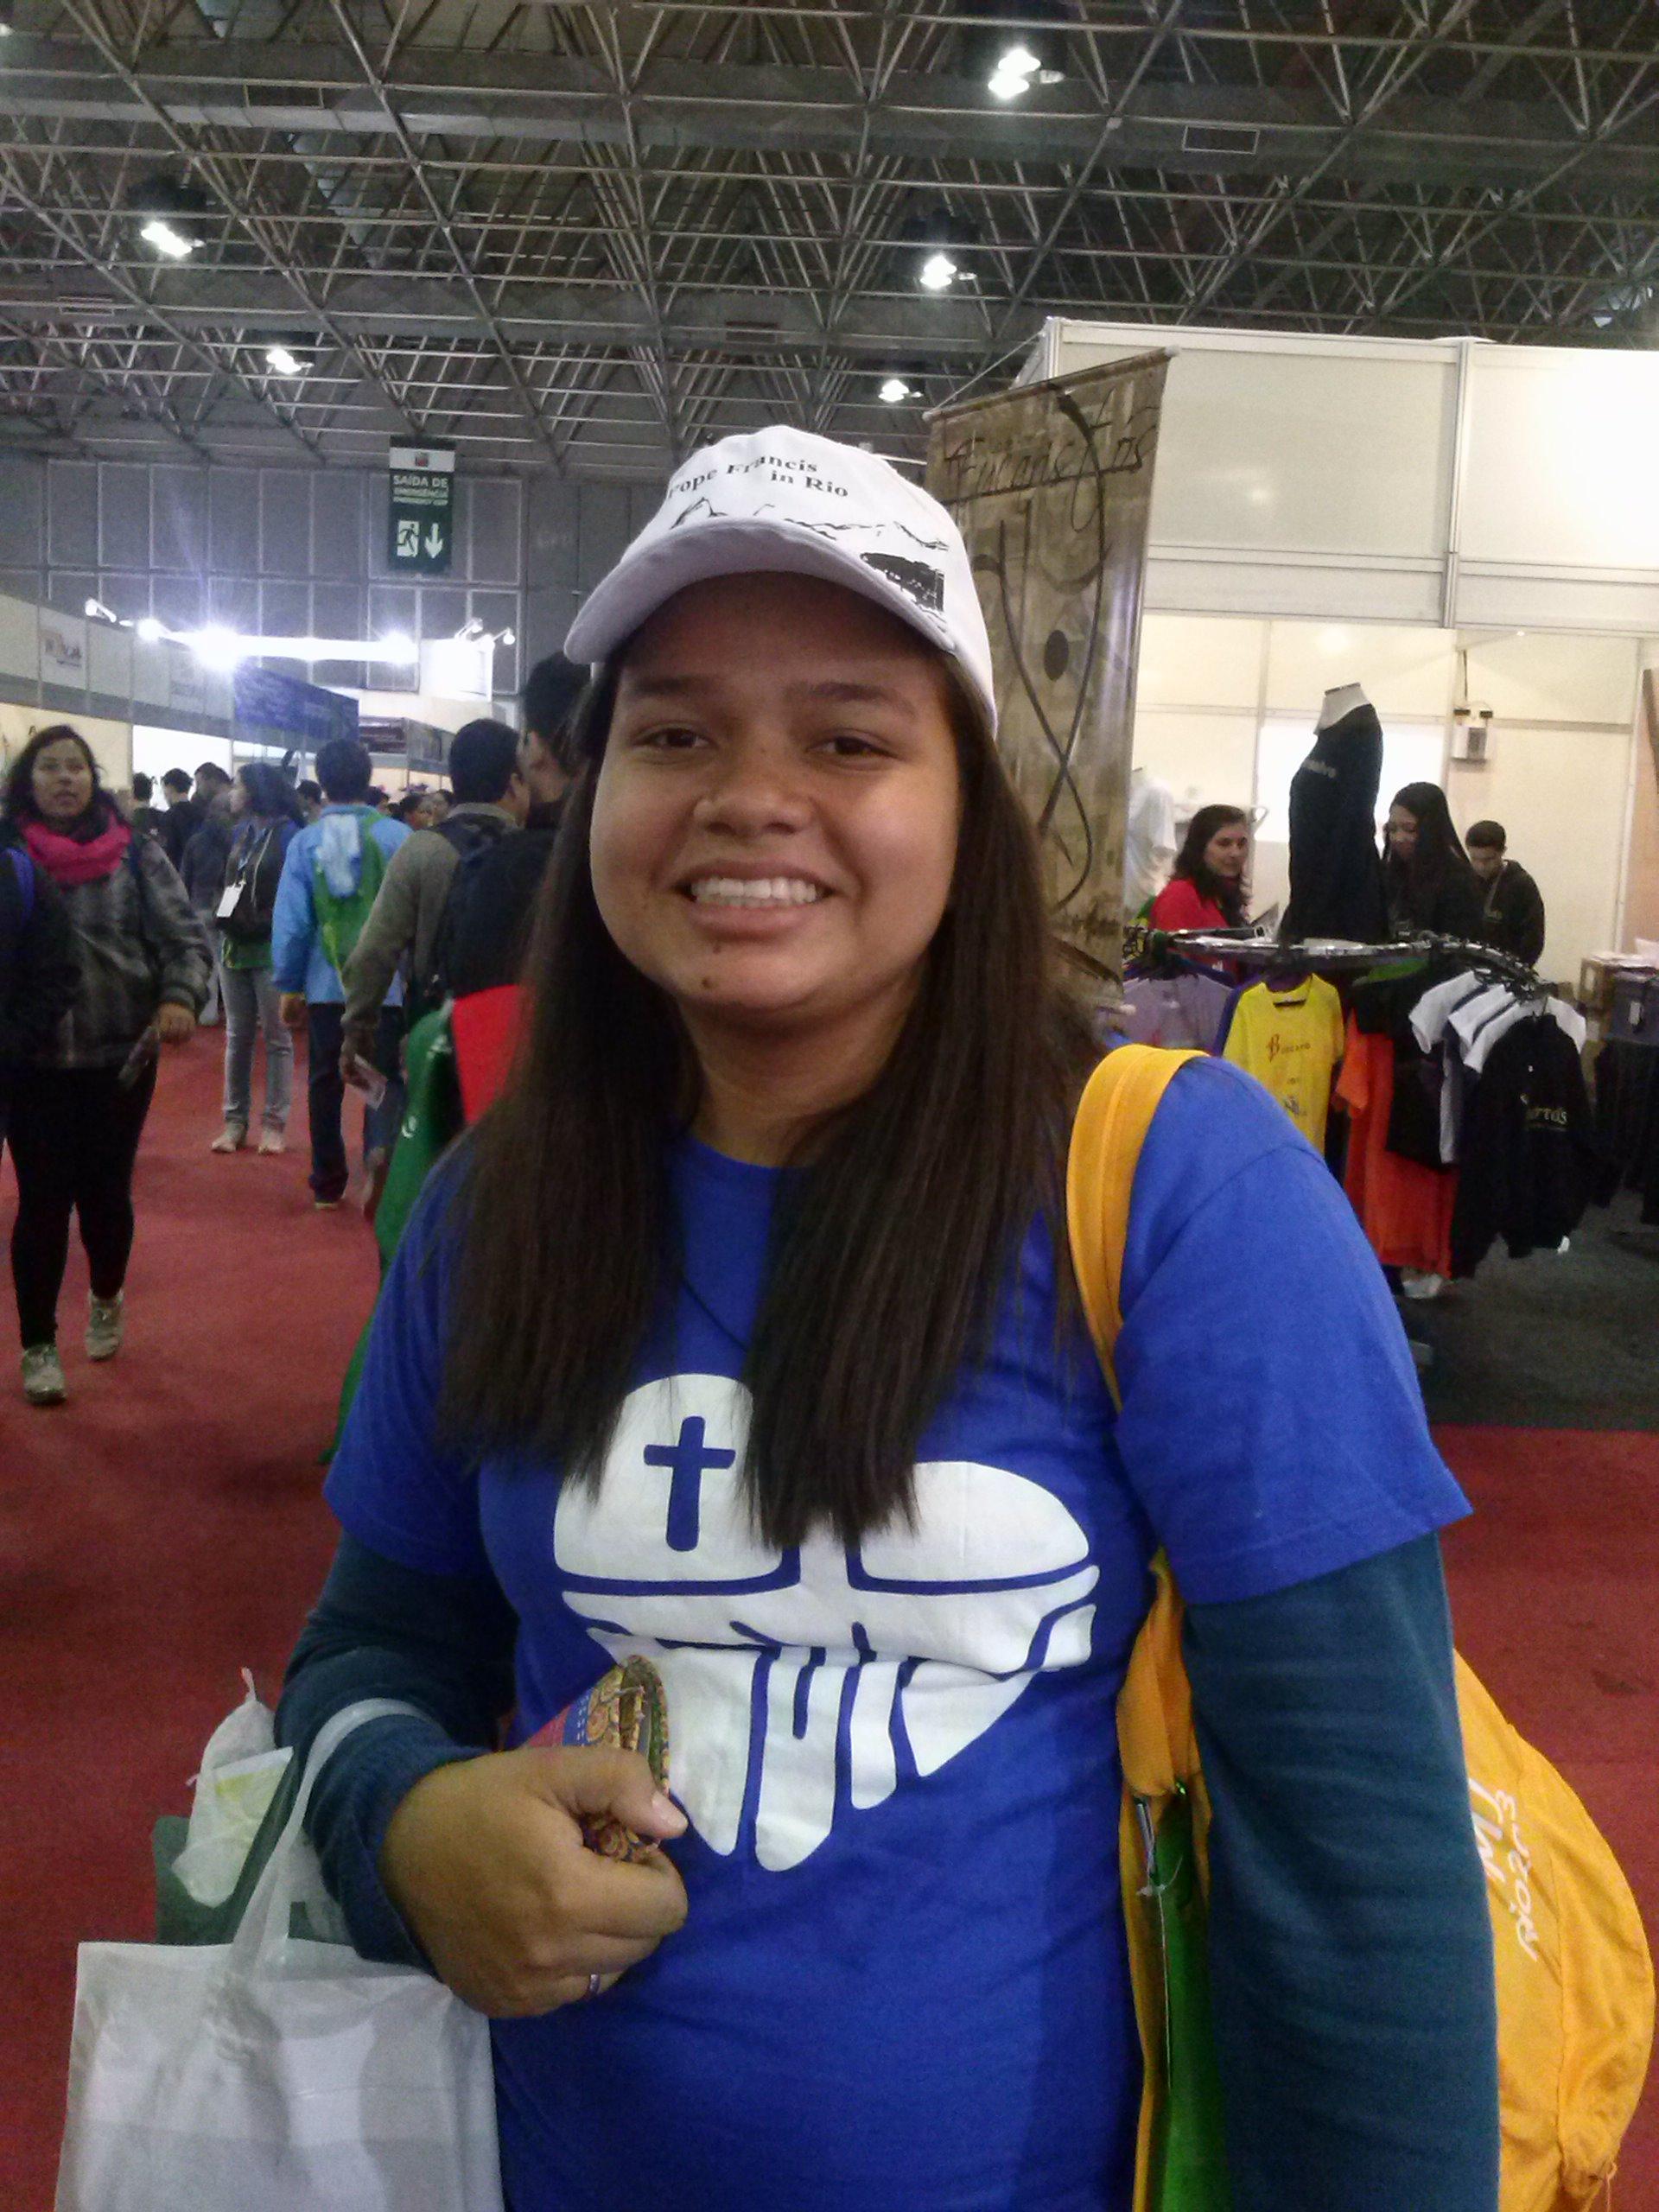 Jovem viajou mais de 3 mil km para participar da JMJ